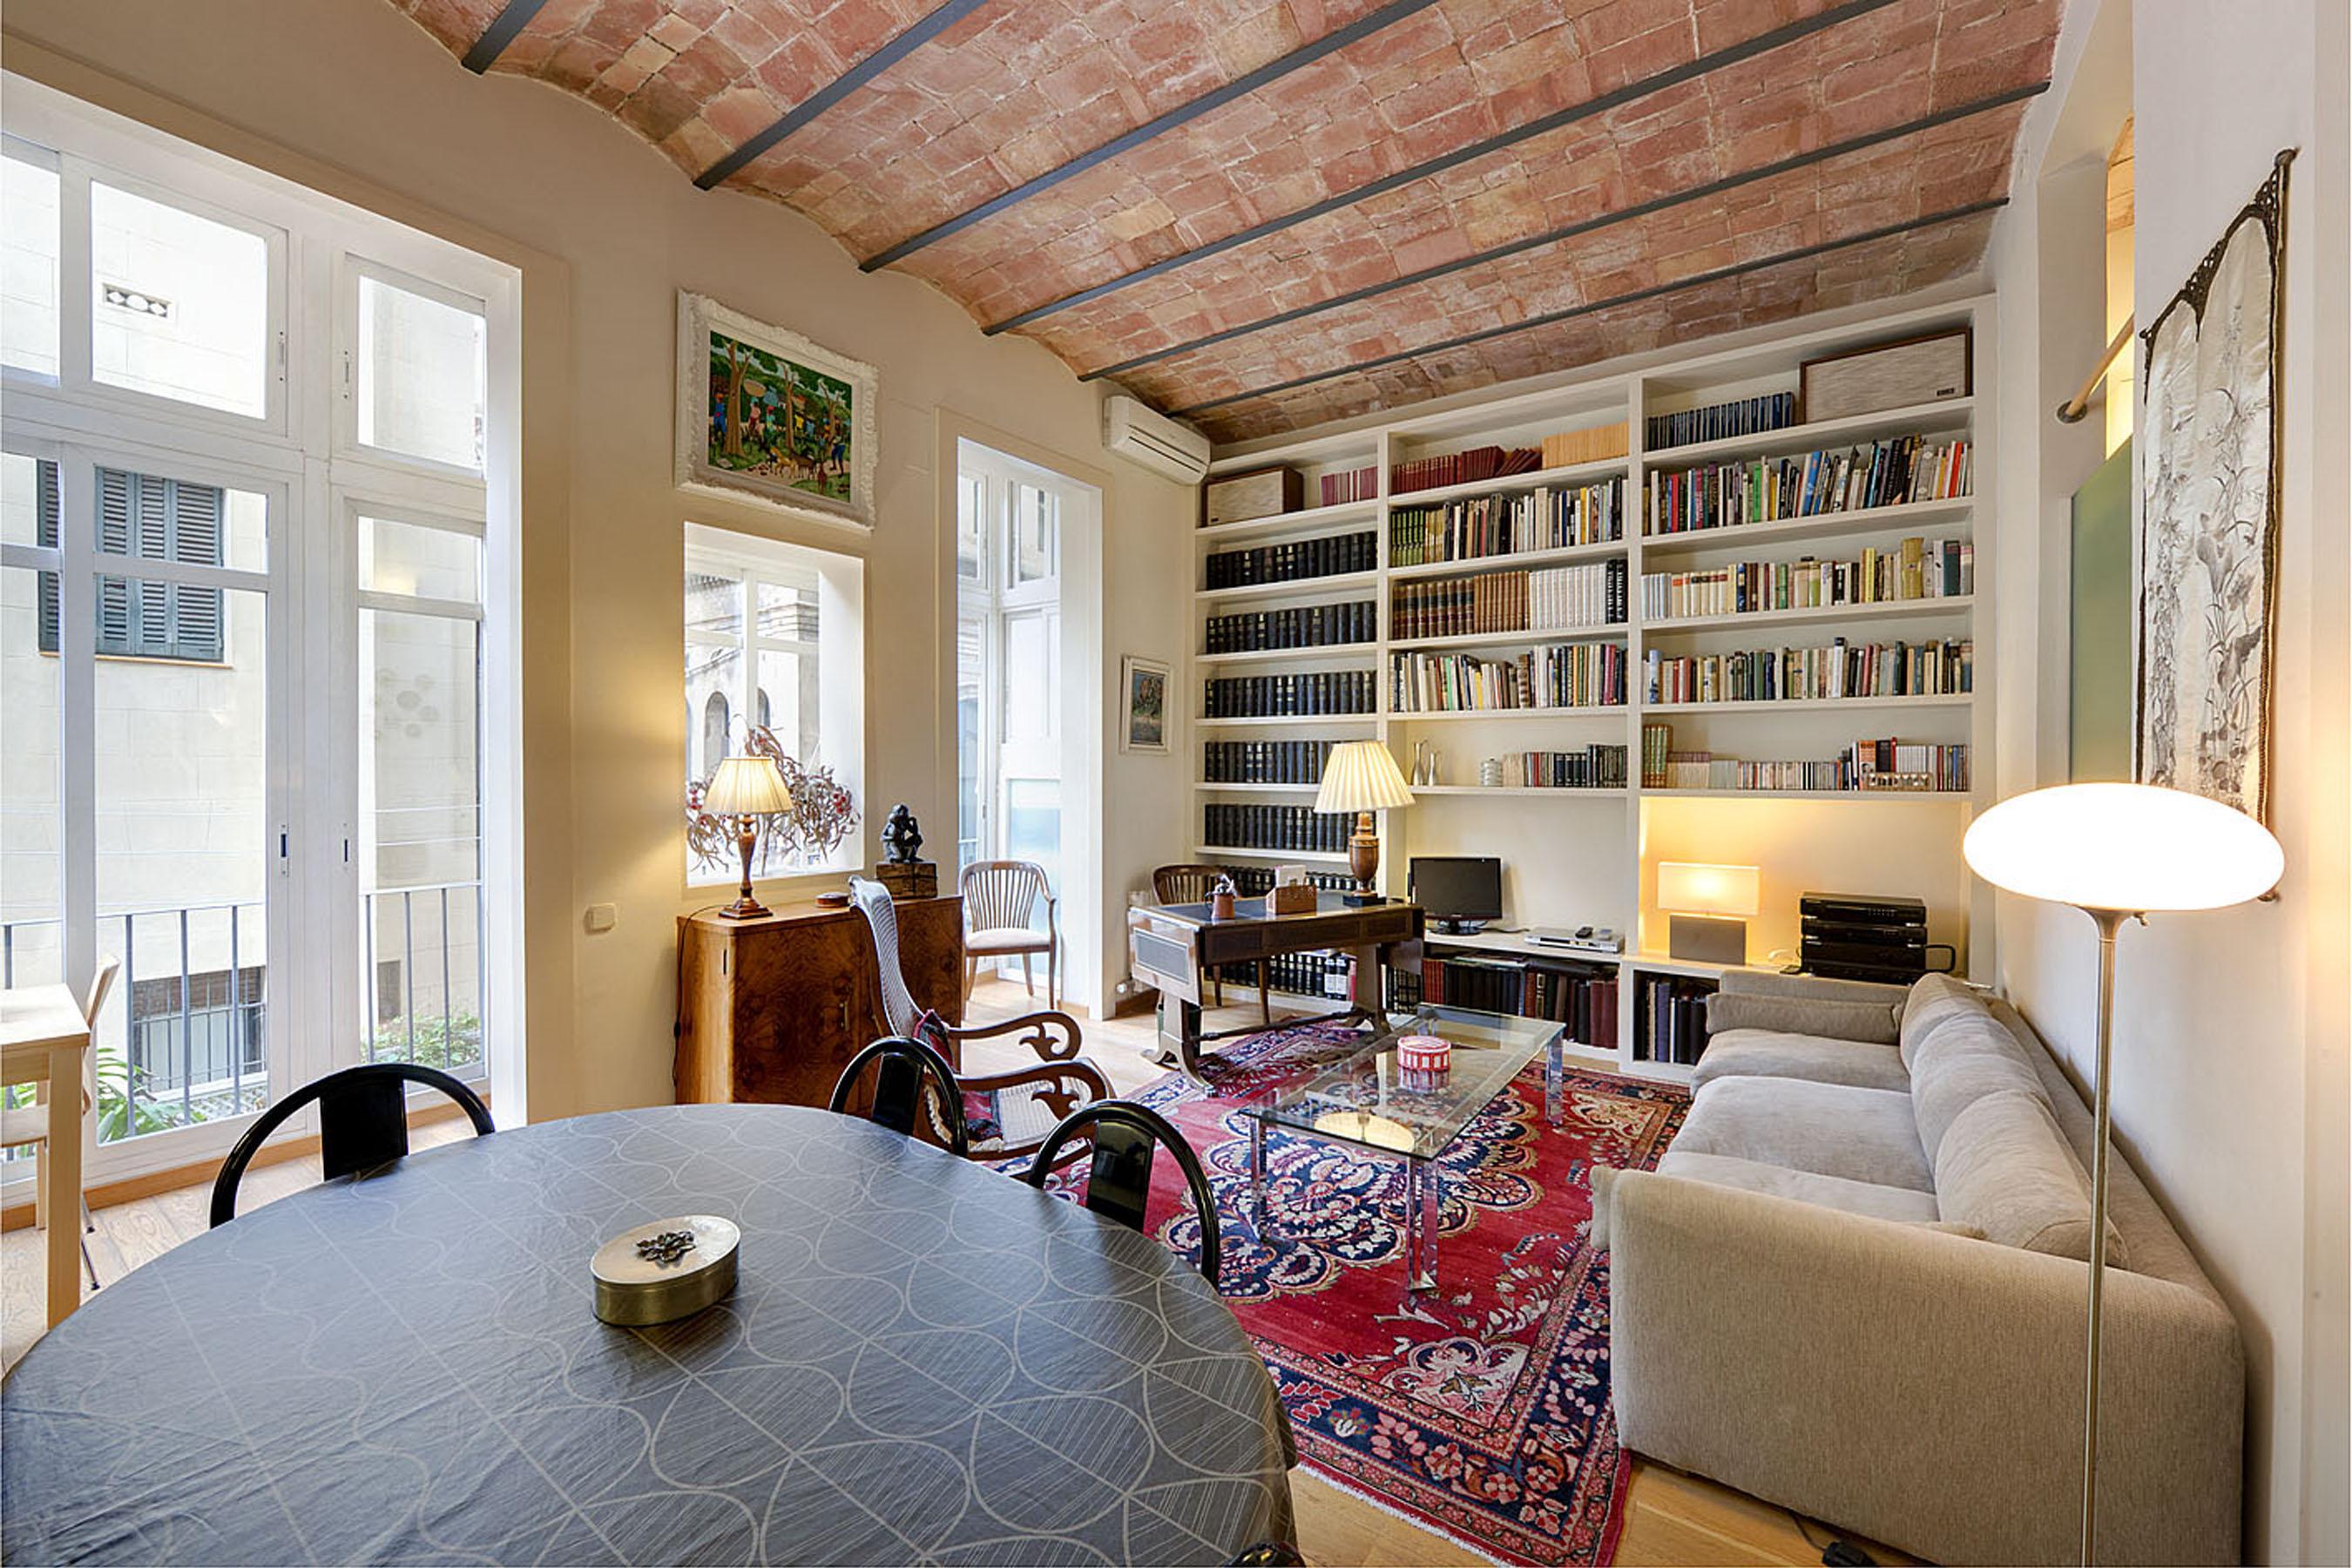 Habitat+Apartments+La+Boh%C3%A8me